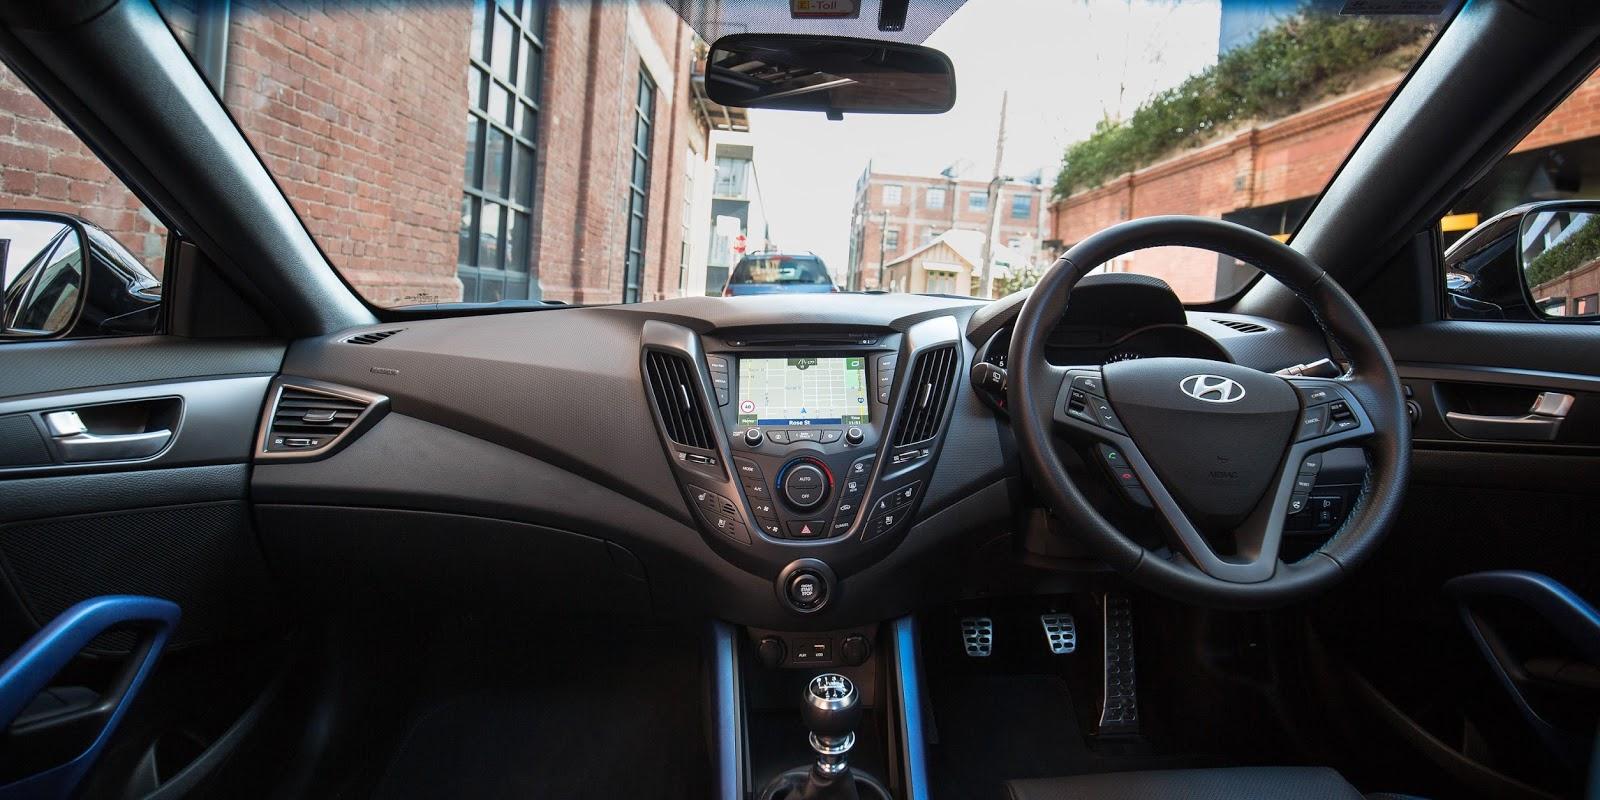 Khá nhiều tính năng an toàn, thông minh được trang bị trên chiếc xe này